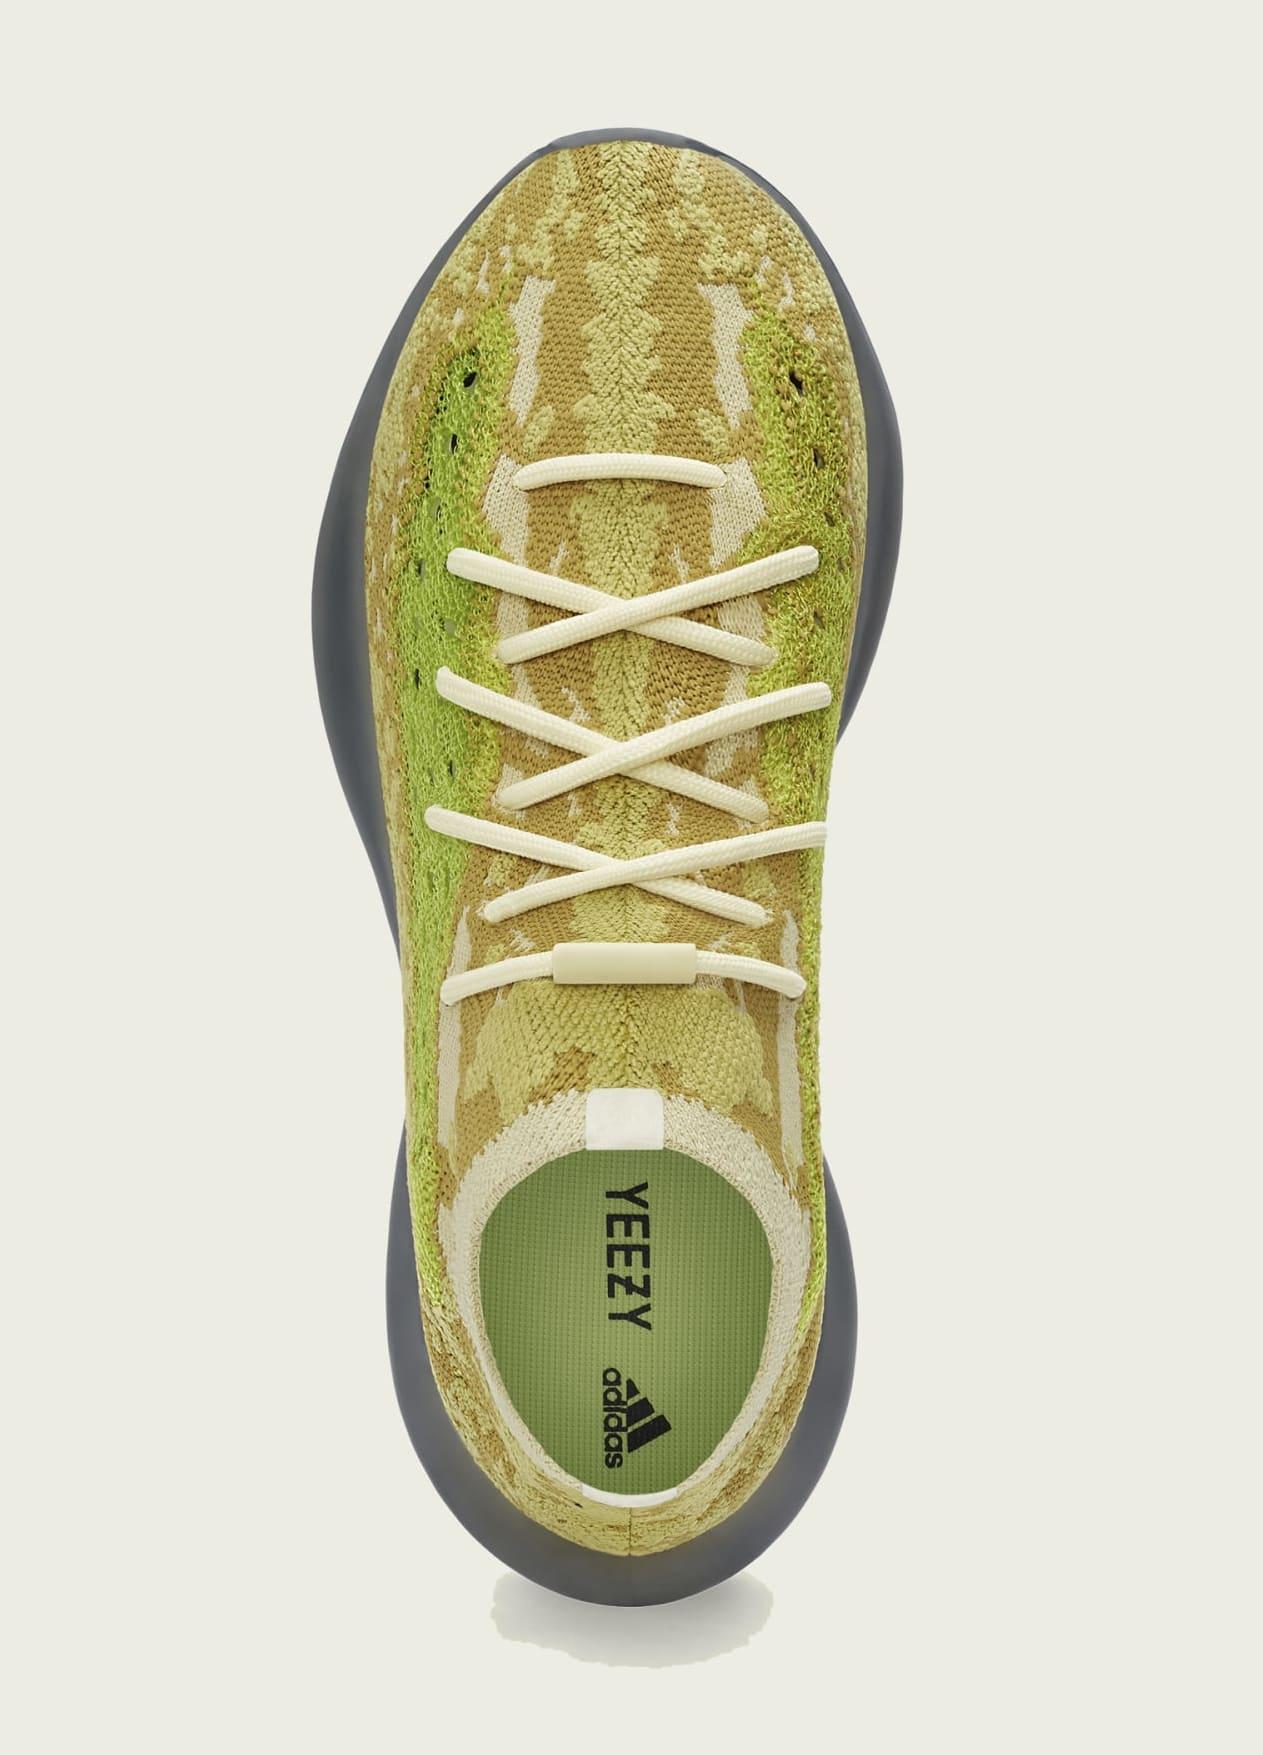 Adidas Yeezy Boost 380 'Hylte' FZ4990 Top